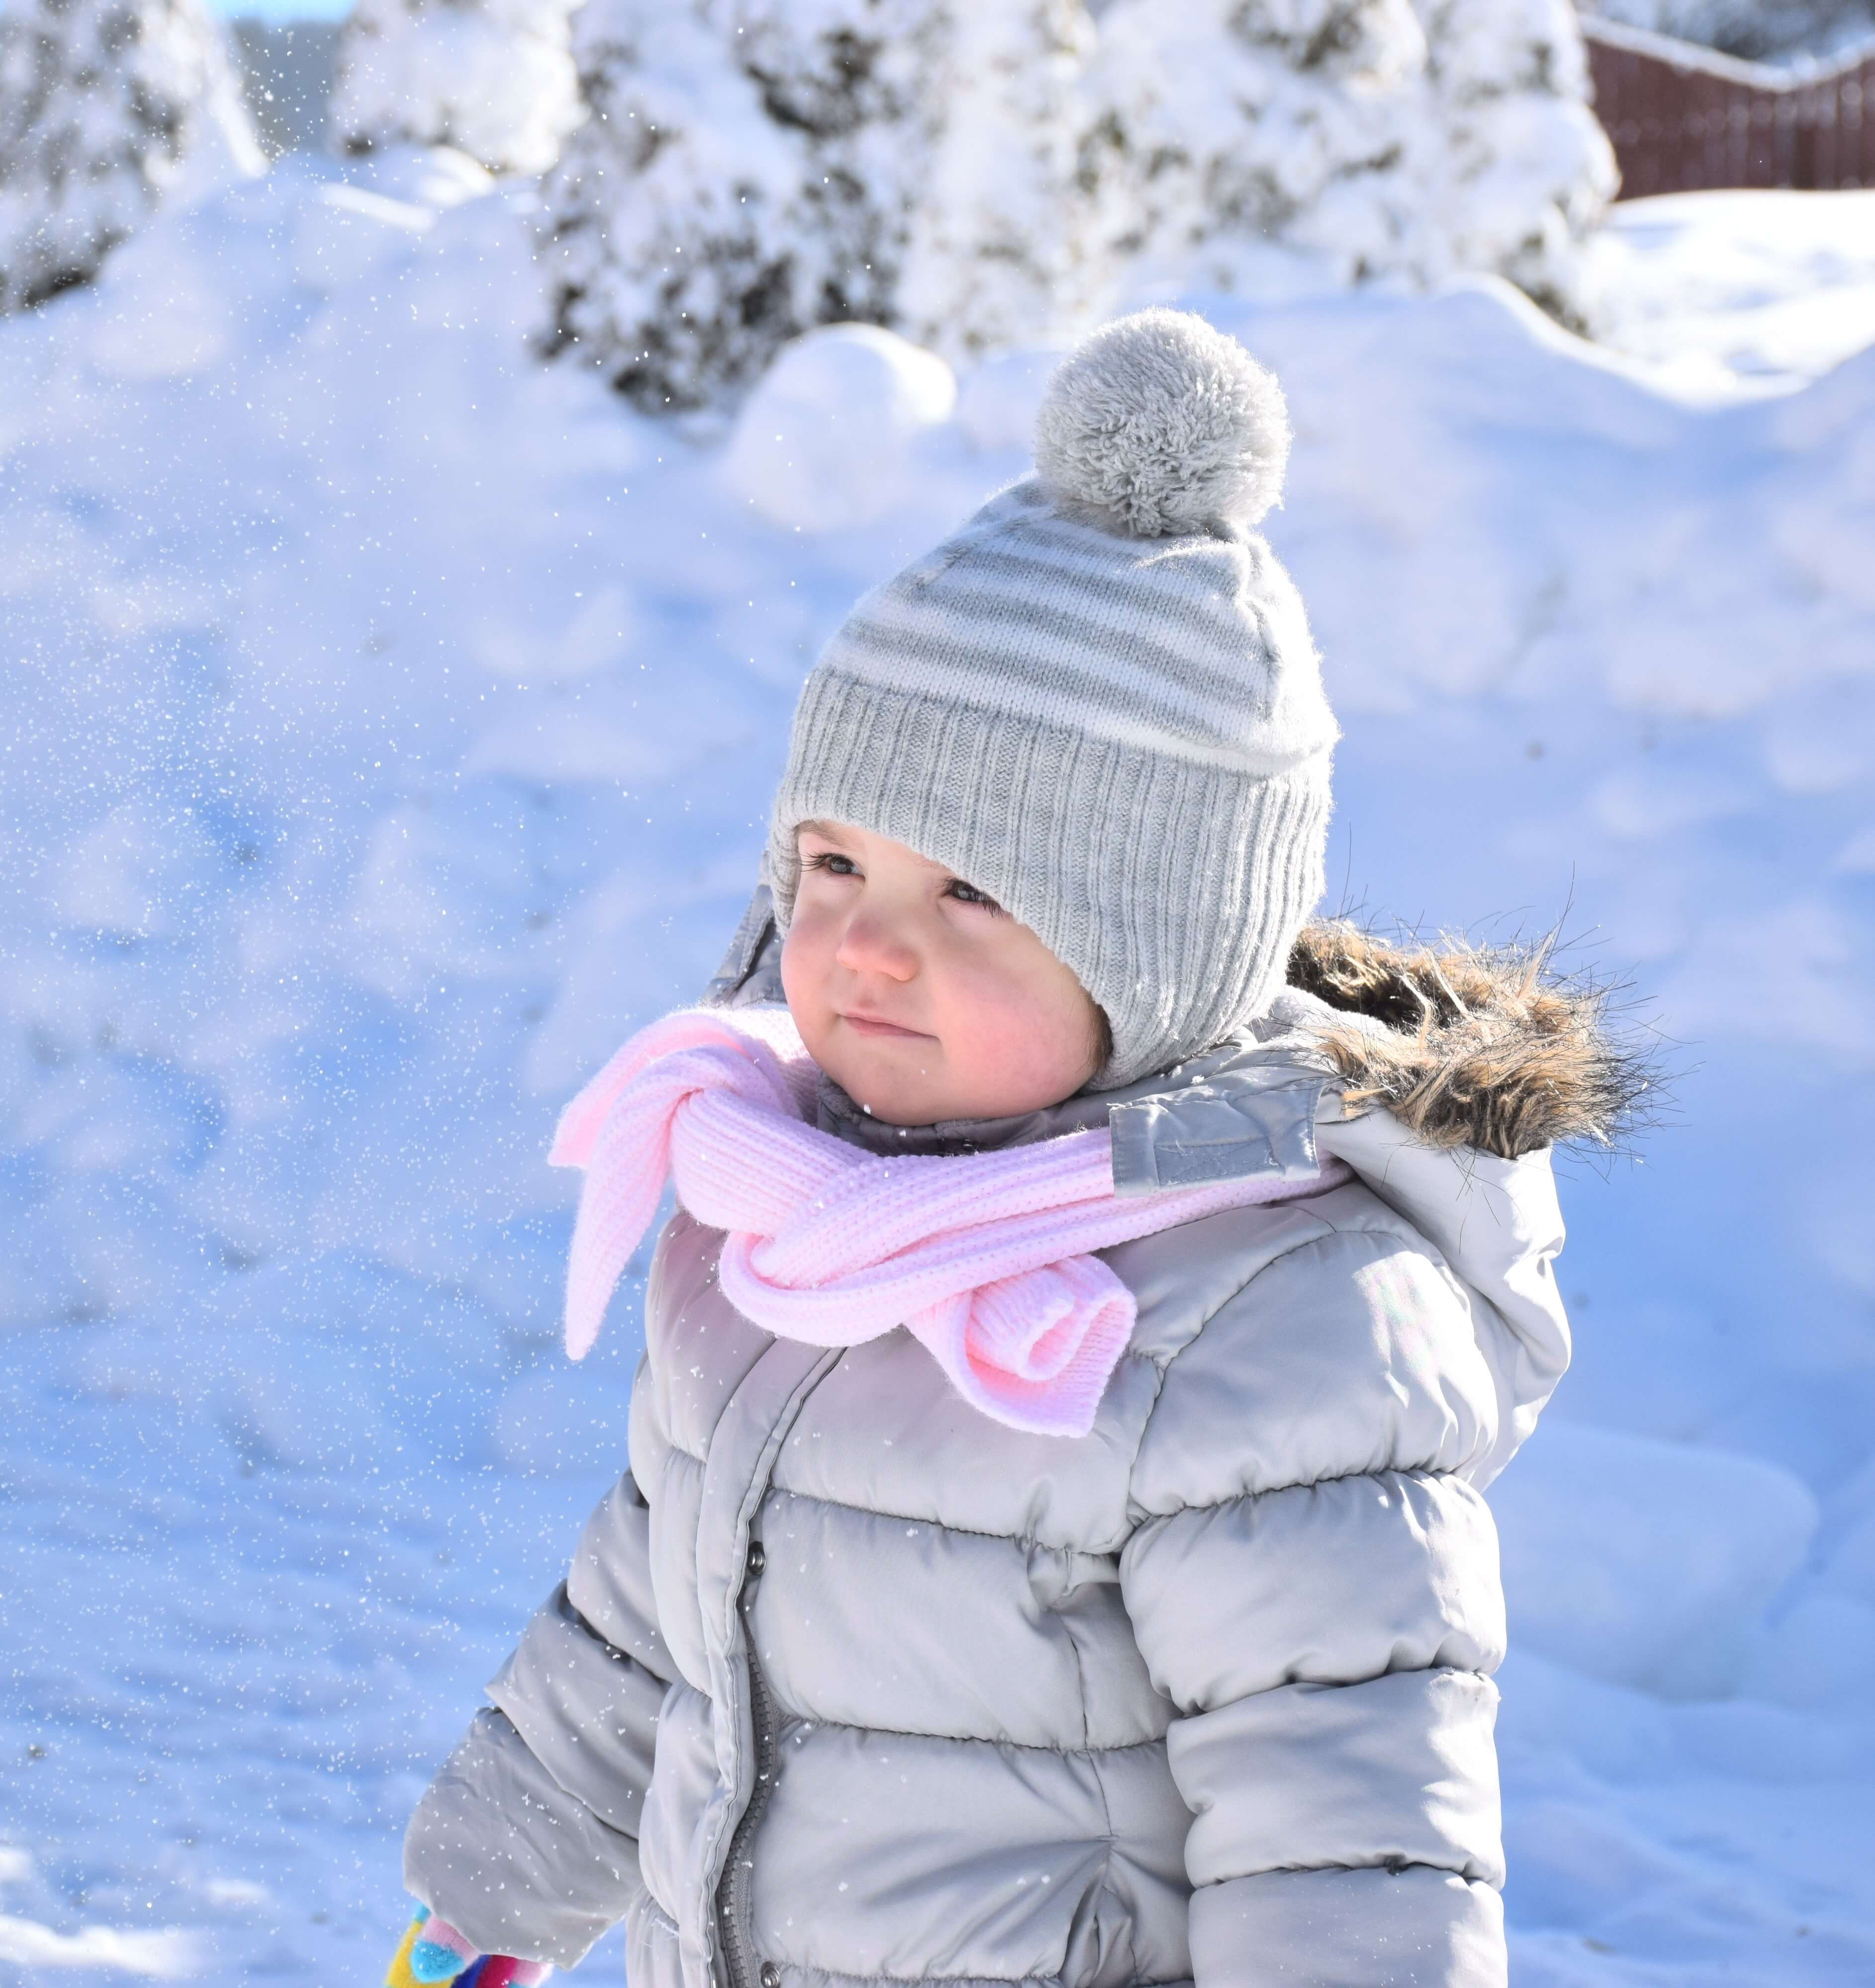 Funktionelle Winterbekleidung für Kinder - Mädchen